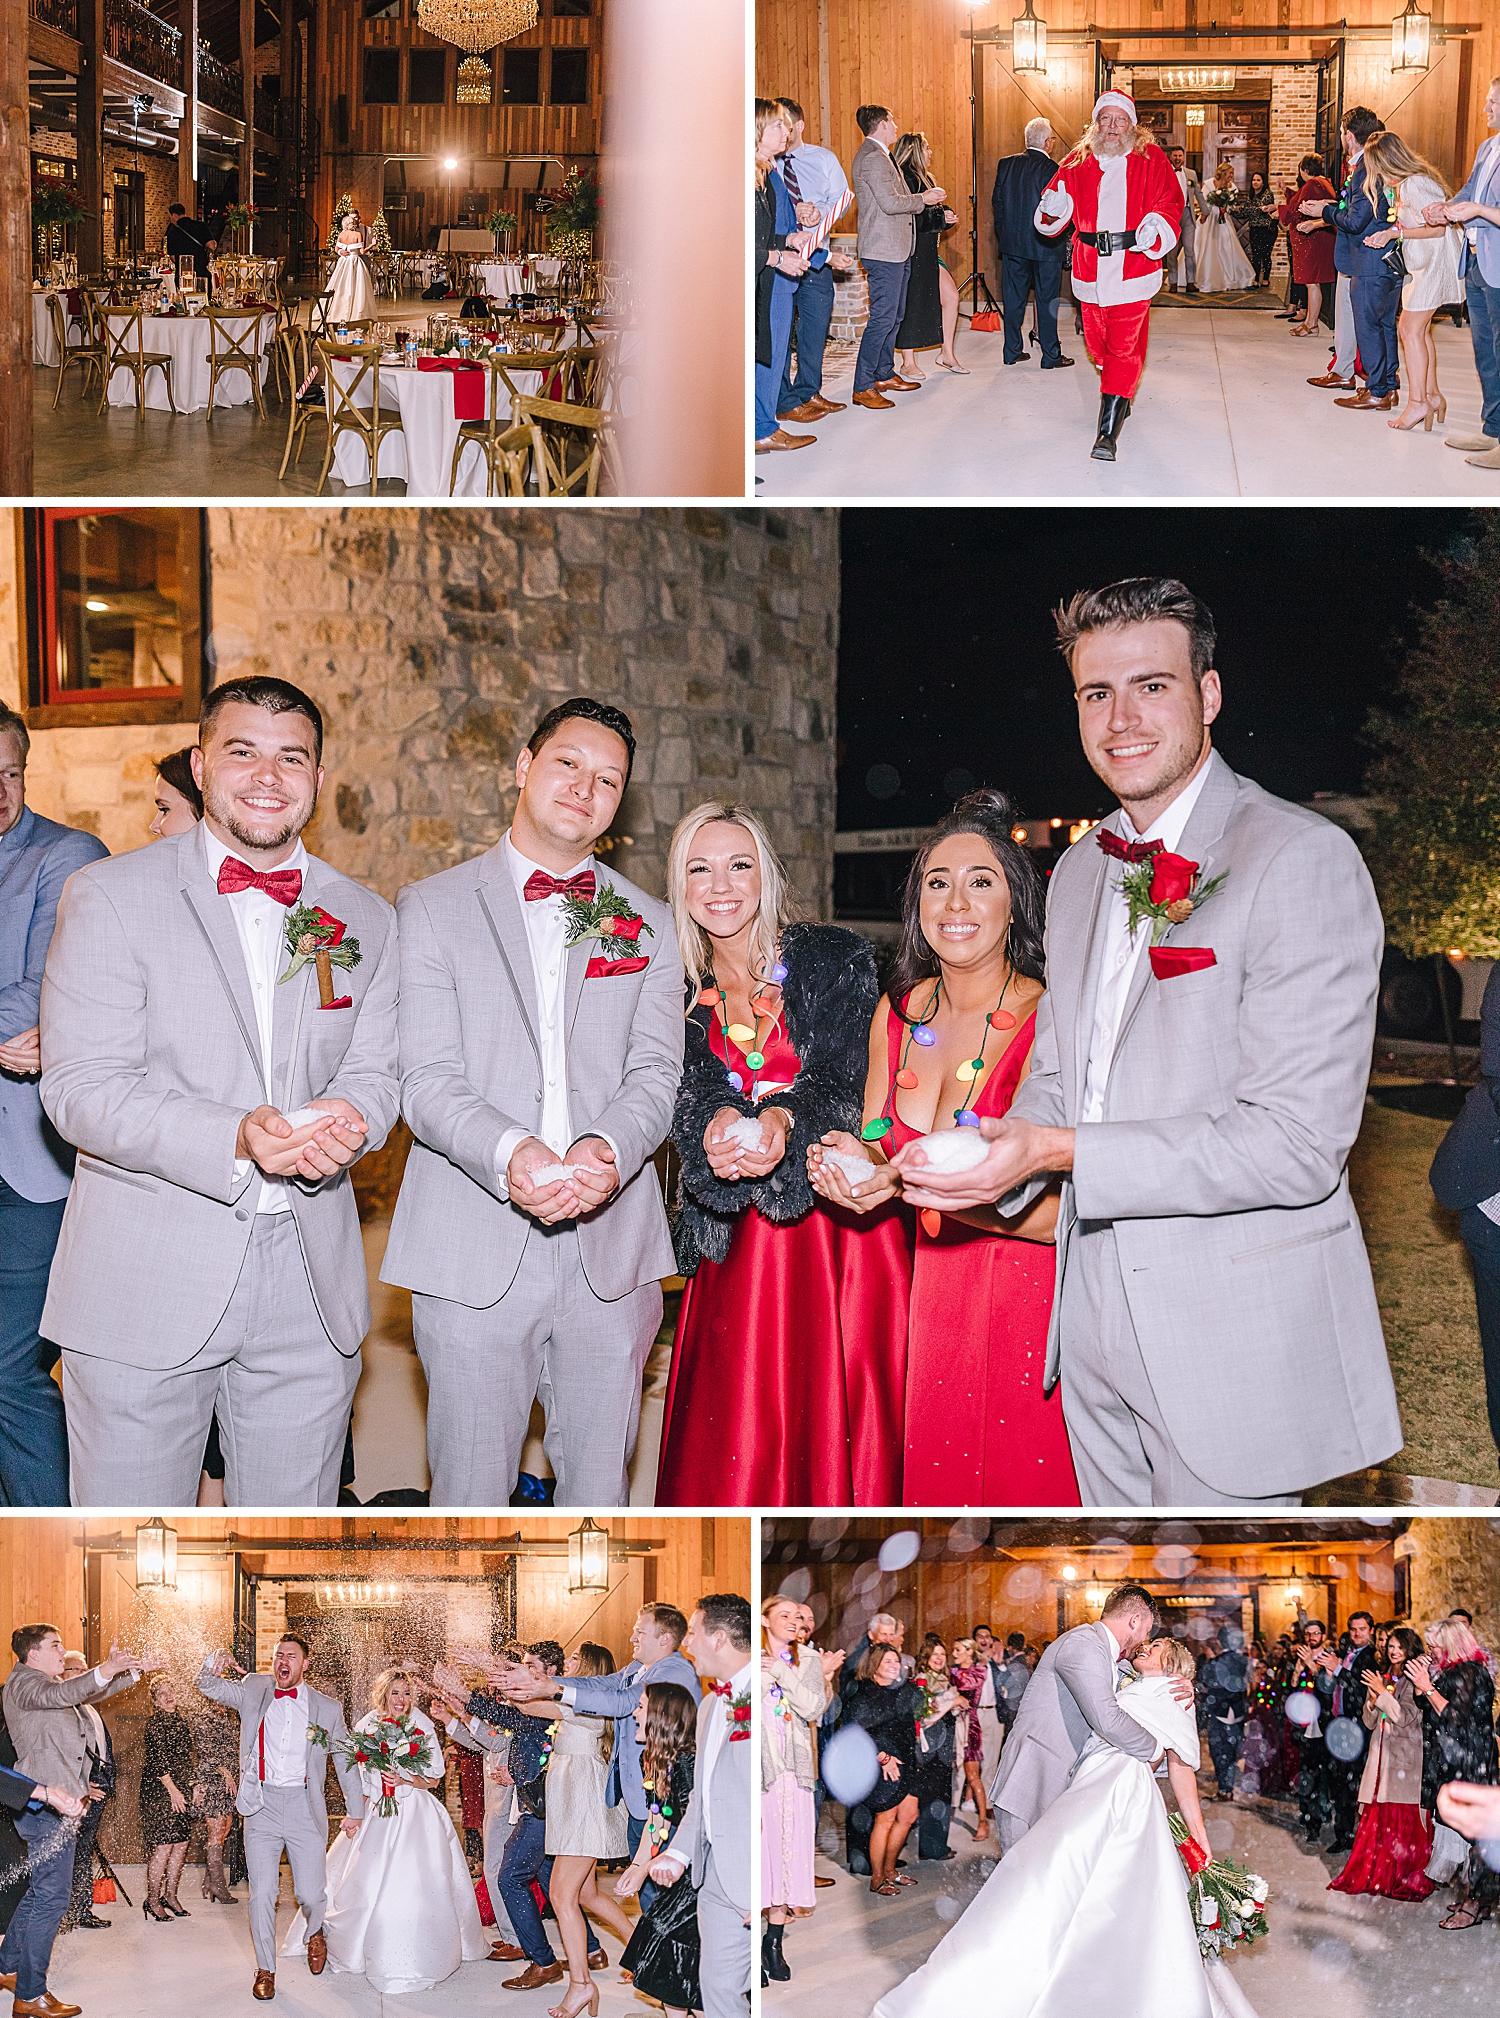 College-Station-Aggie-Wedding-The-Weinberg-at-Wixon-Valley-Christmas-Hallmark-Wedding_0115.jpg